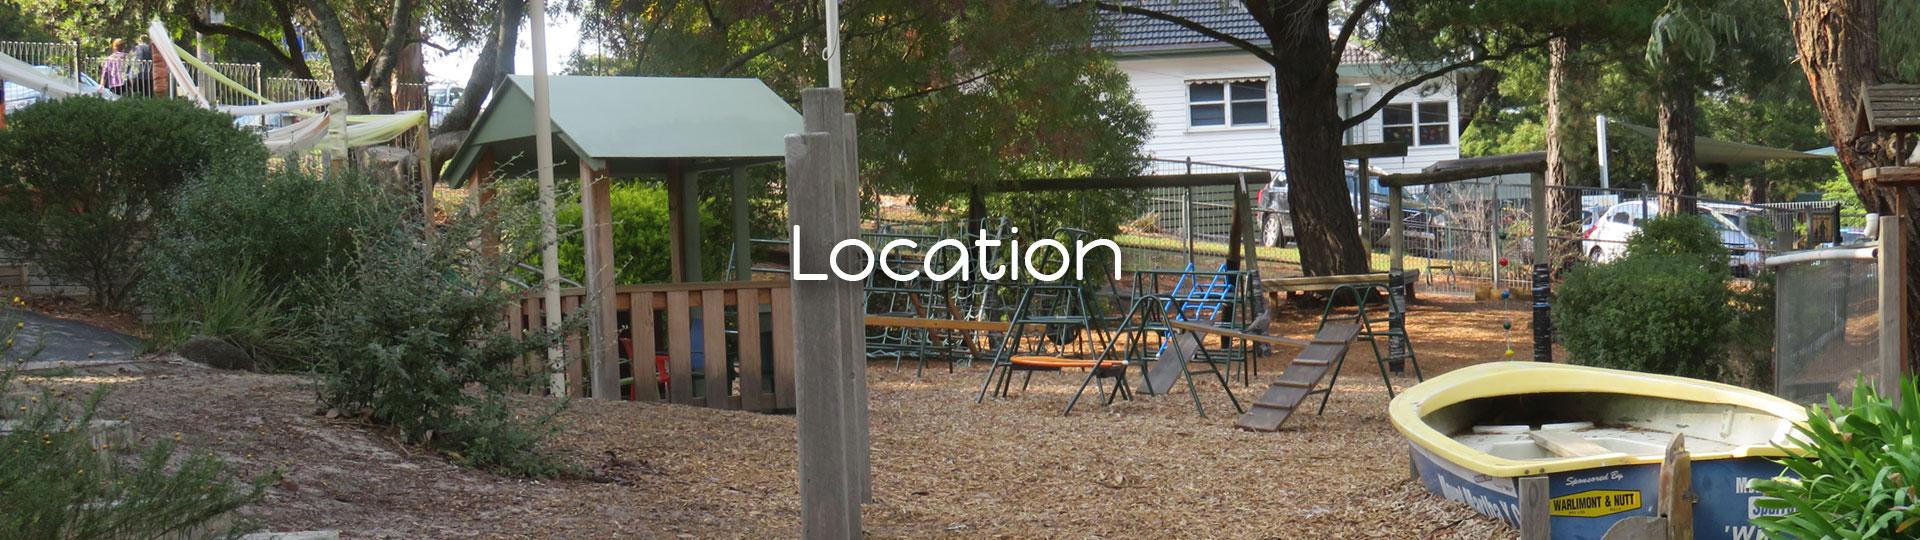 park orchards kinder location